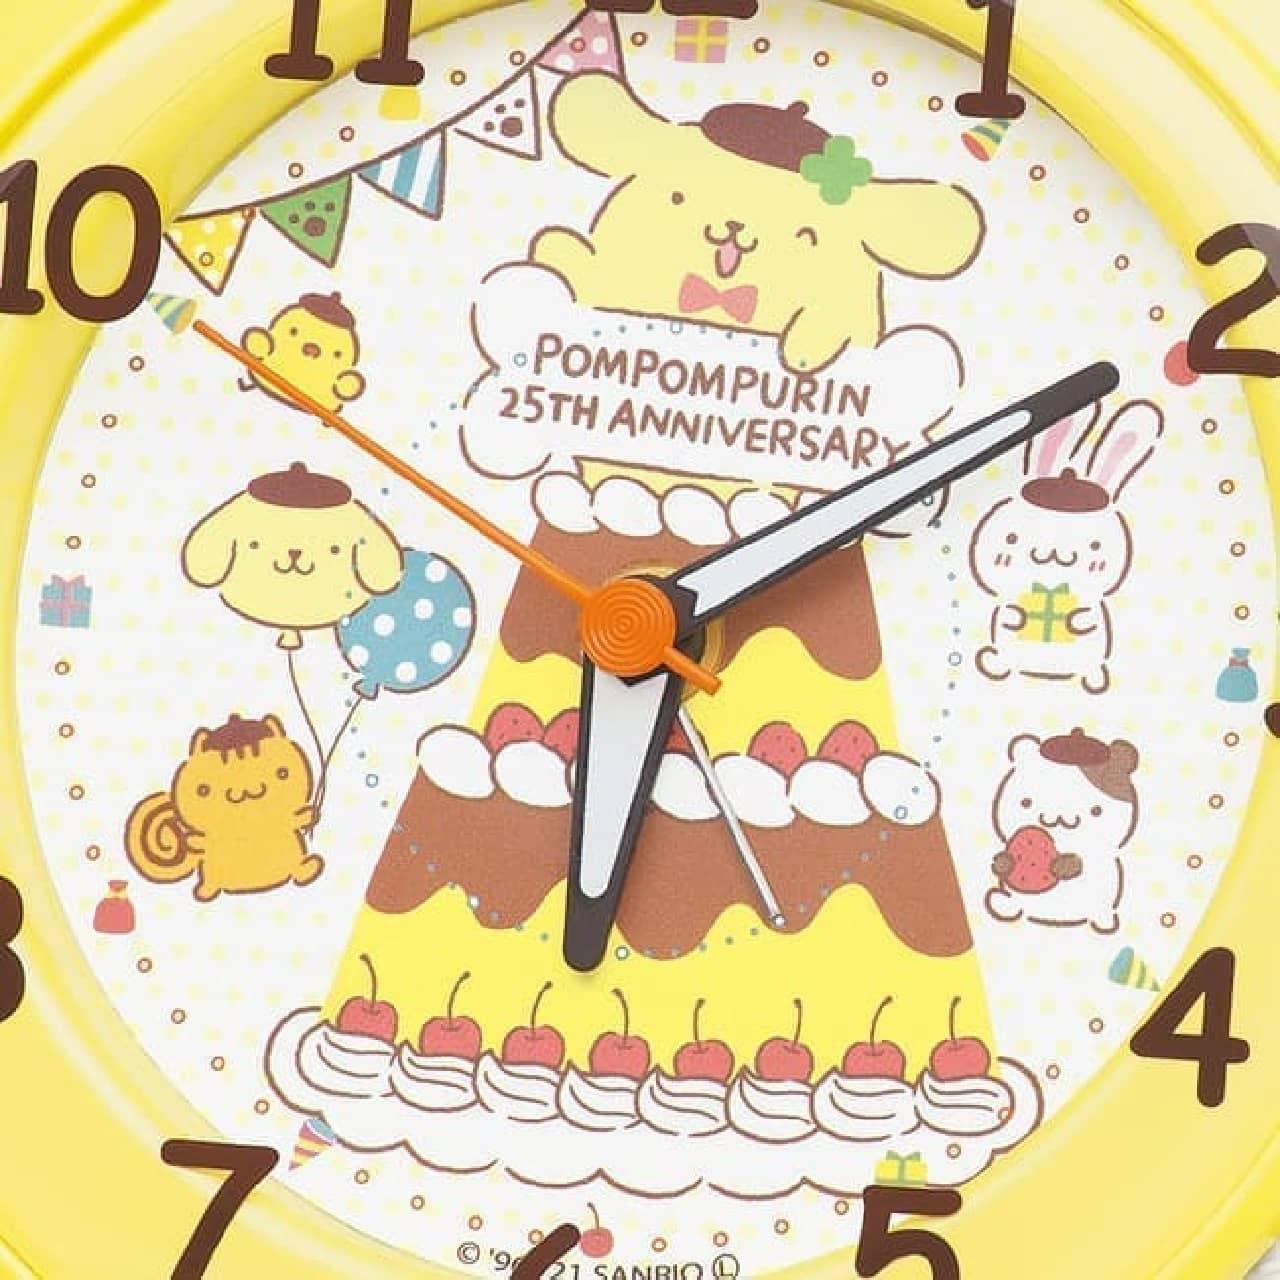 ポムポムプリン25周年記念の目ざまし時計 -- チャームポイント「おしり」も可愛らしく